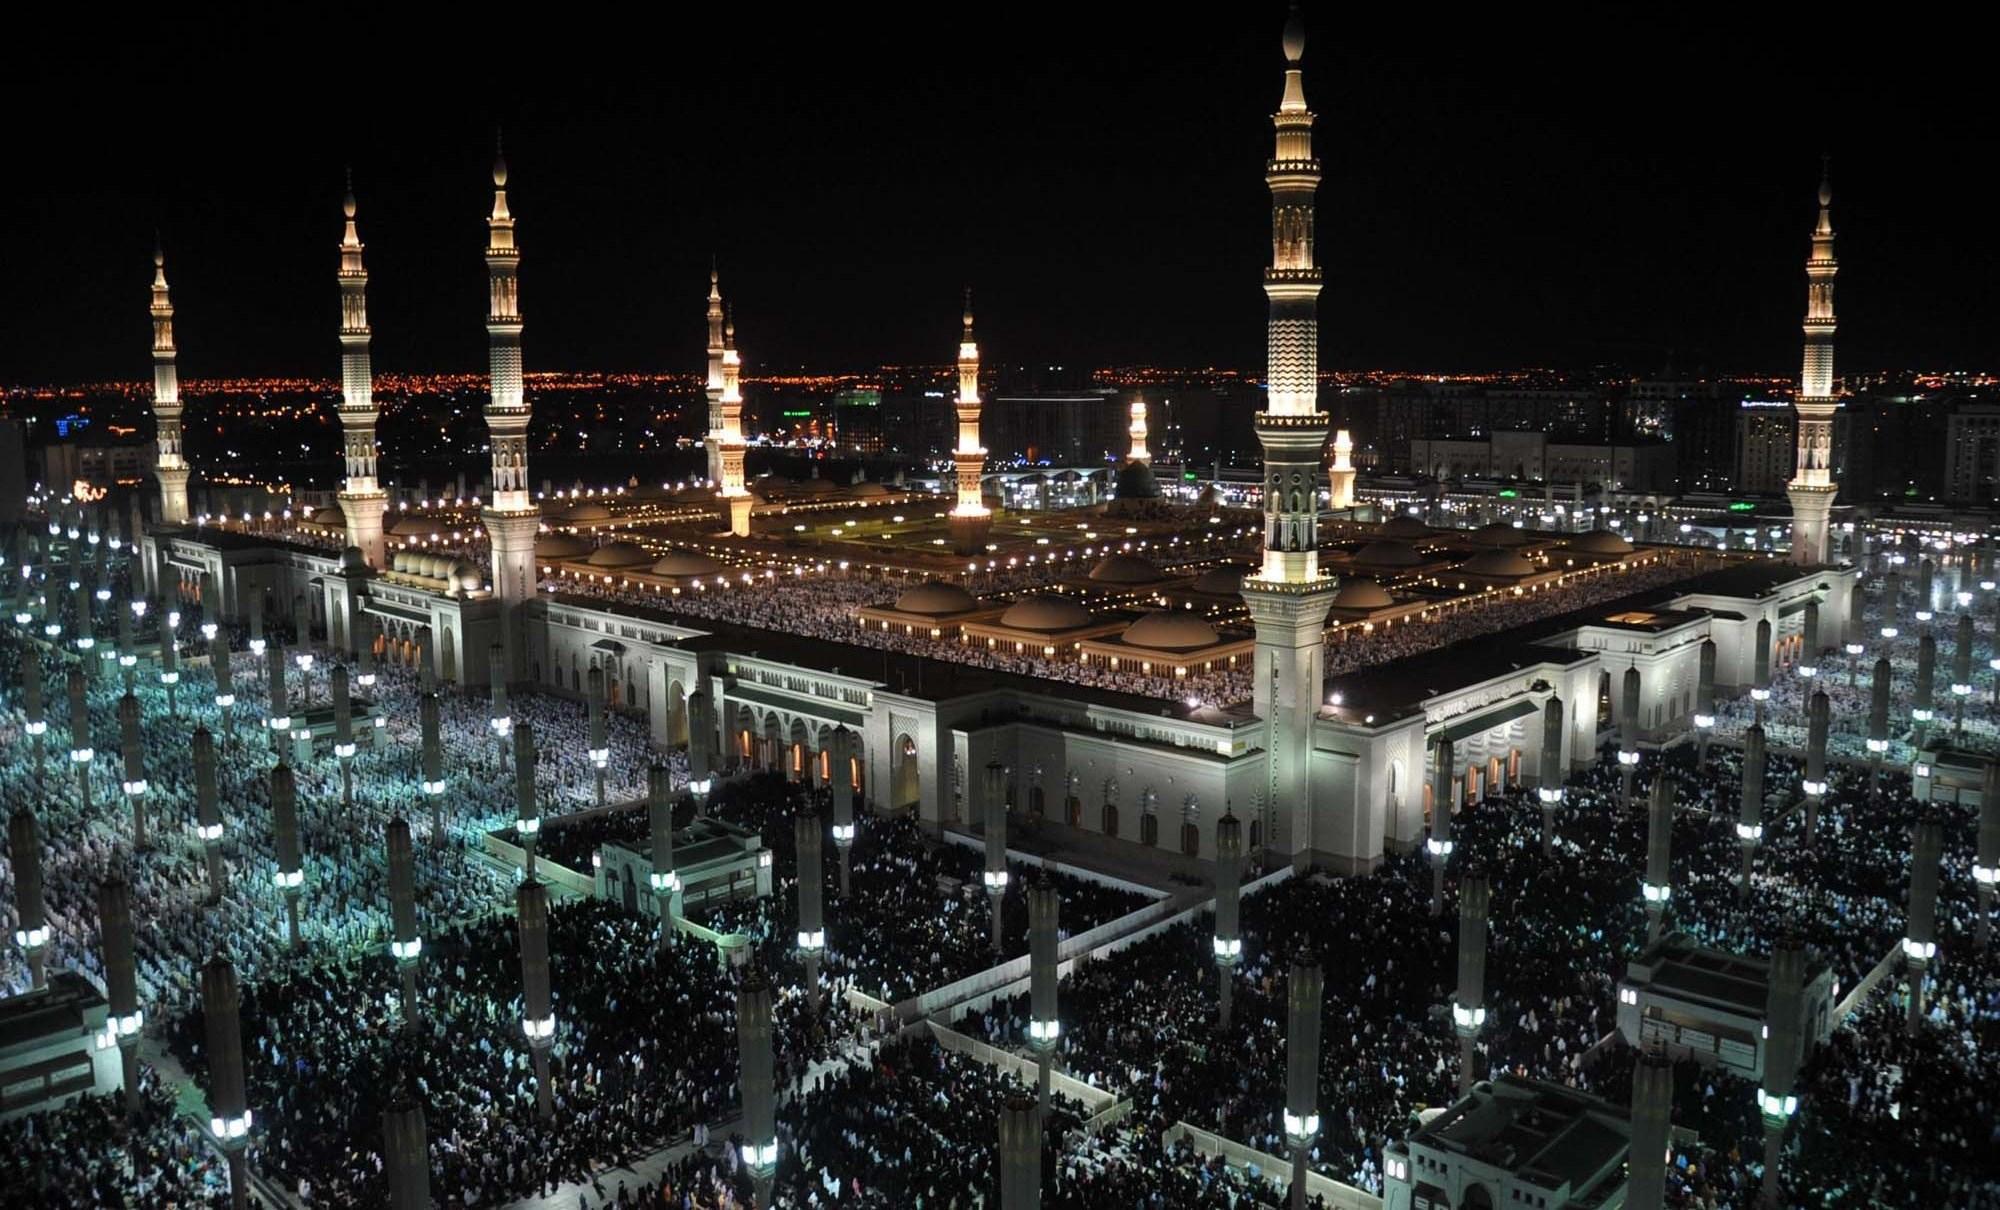 بعد إغلاقه بسبب كورونا.. إعادة فتح المسجد النبوي أمام المصلين